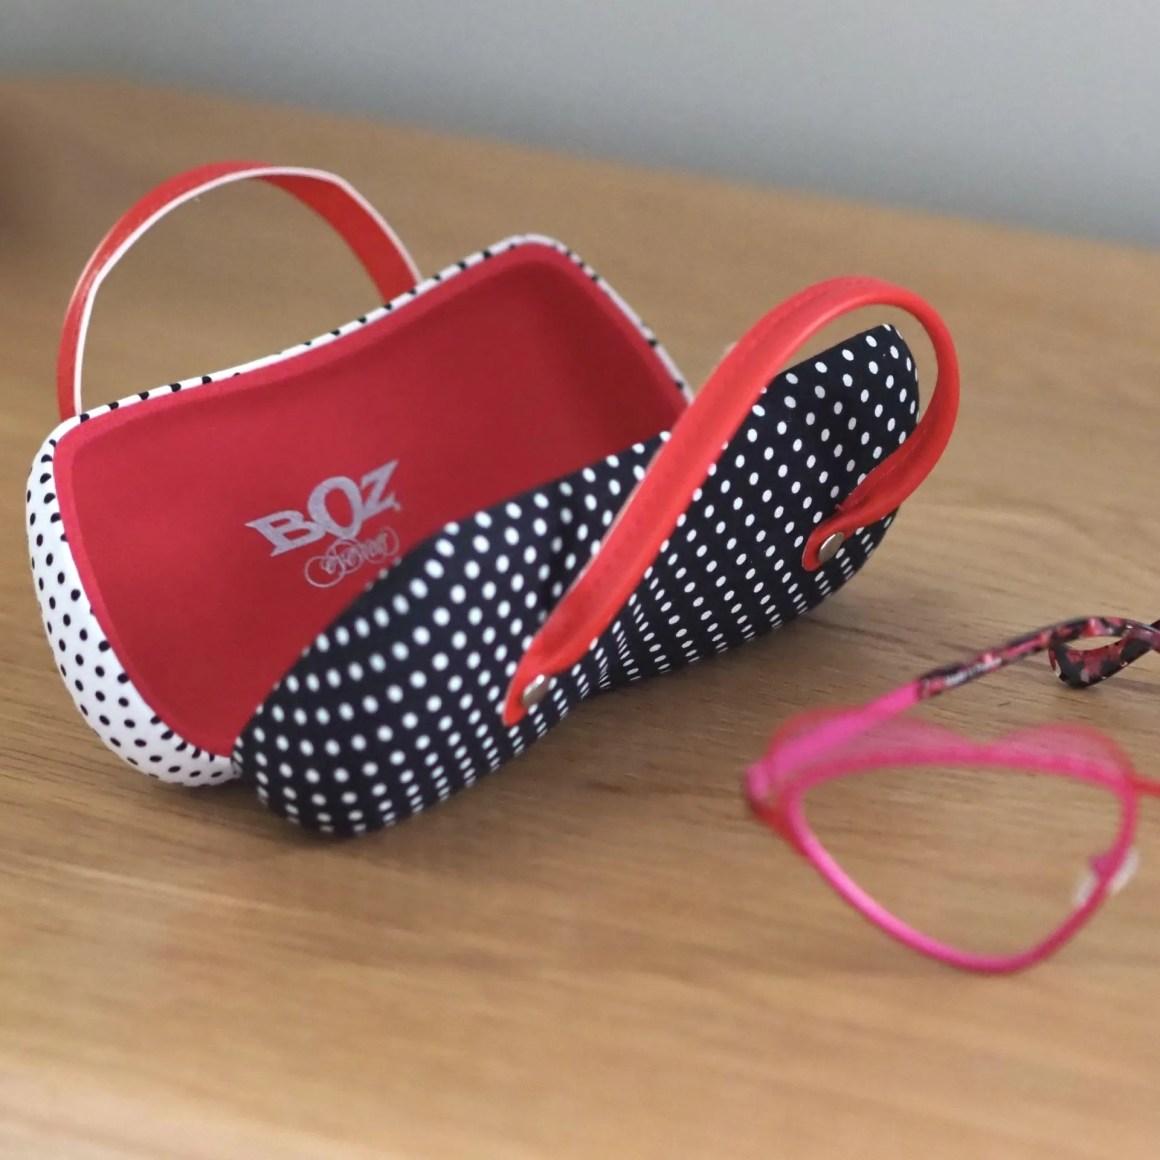 Boz handbag spectacle case